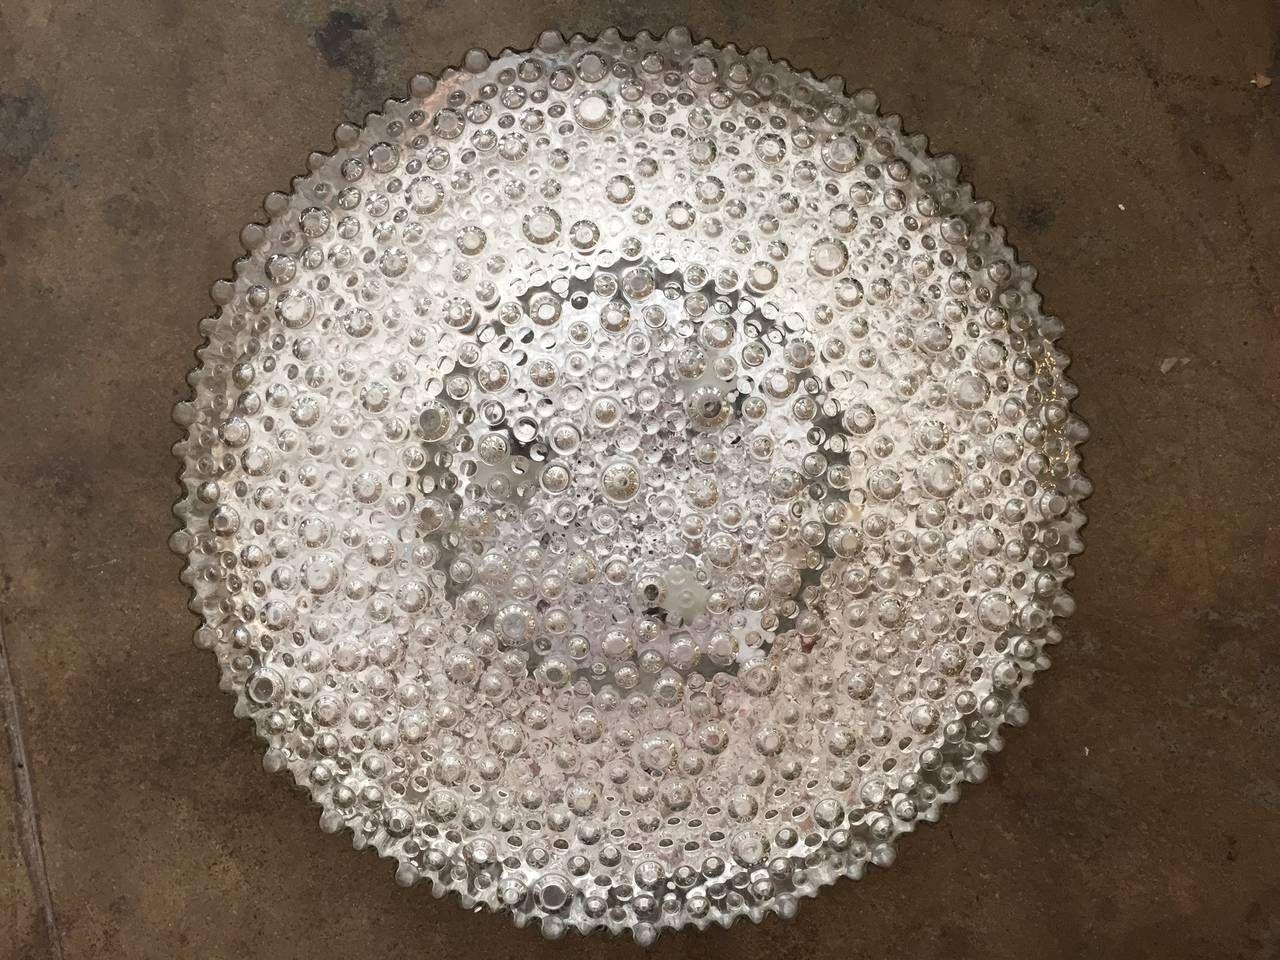 Plafonnier Salle De Bain Jumbo ~ jumbo size bubble limburg glass flush light pinterest